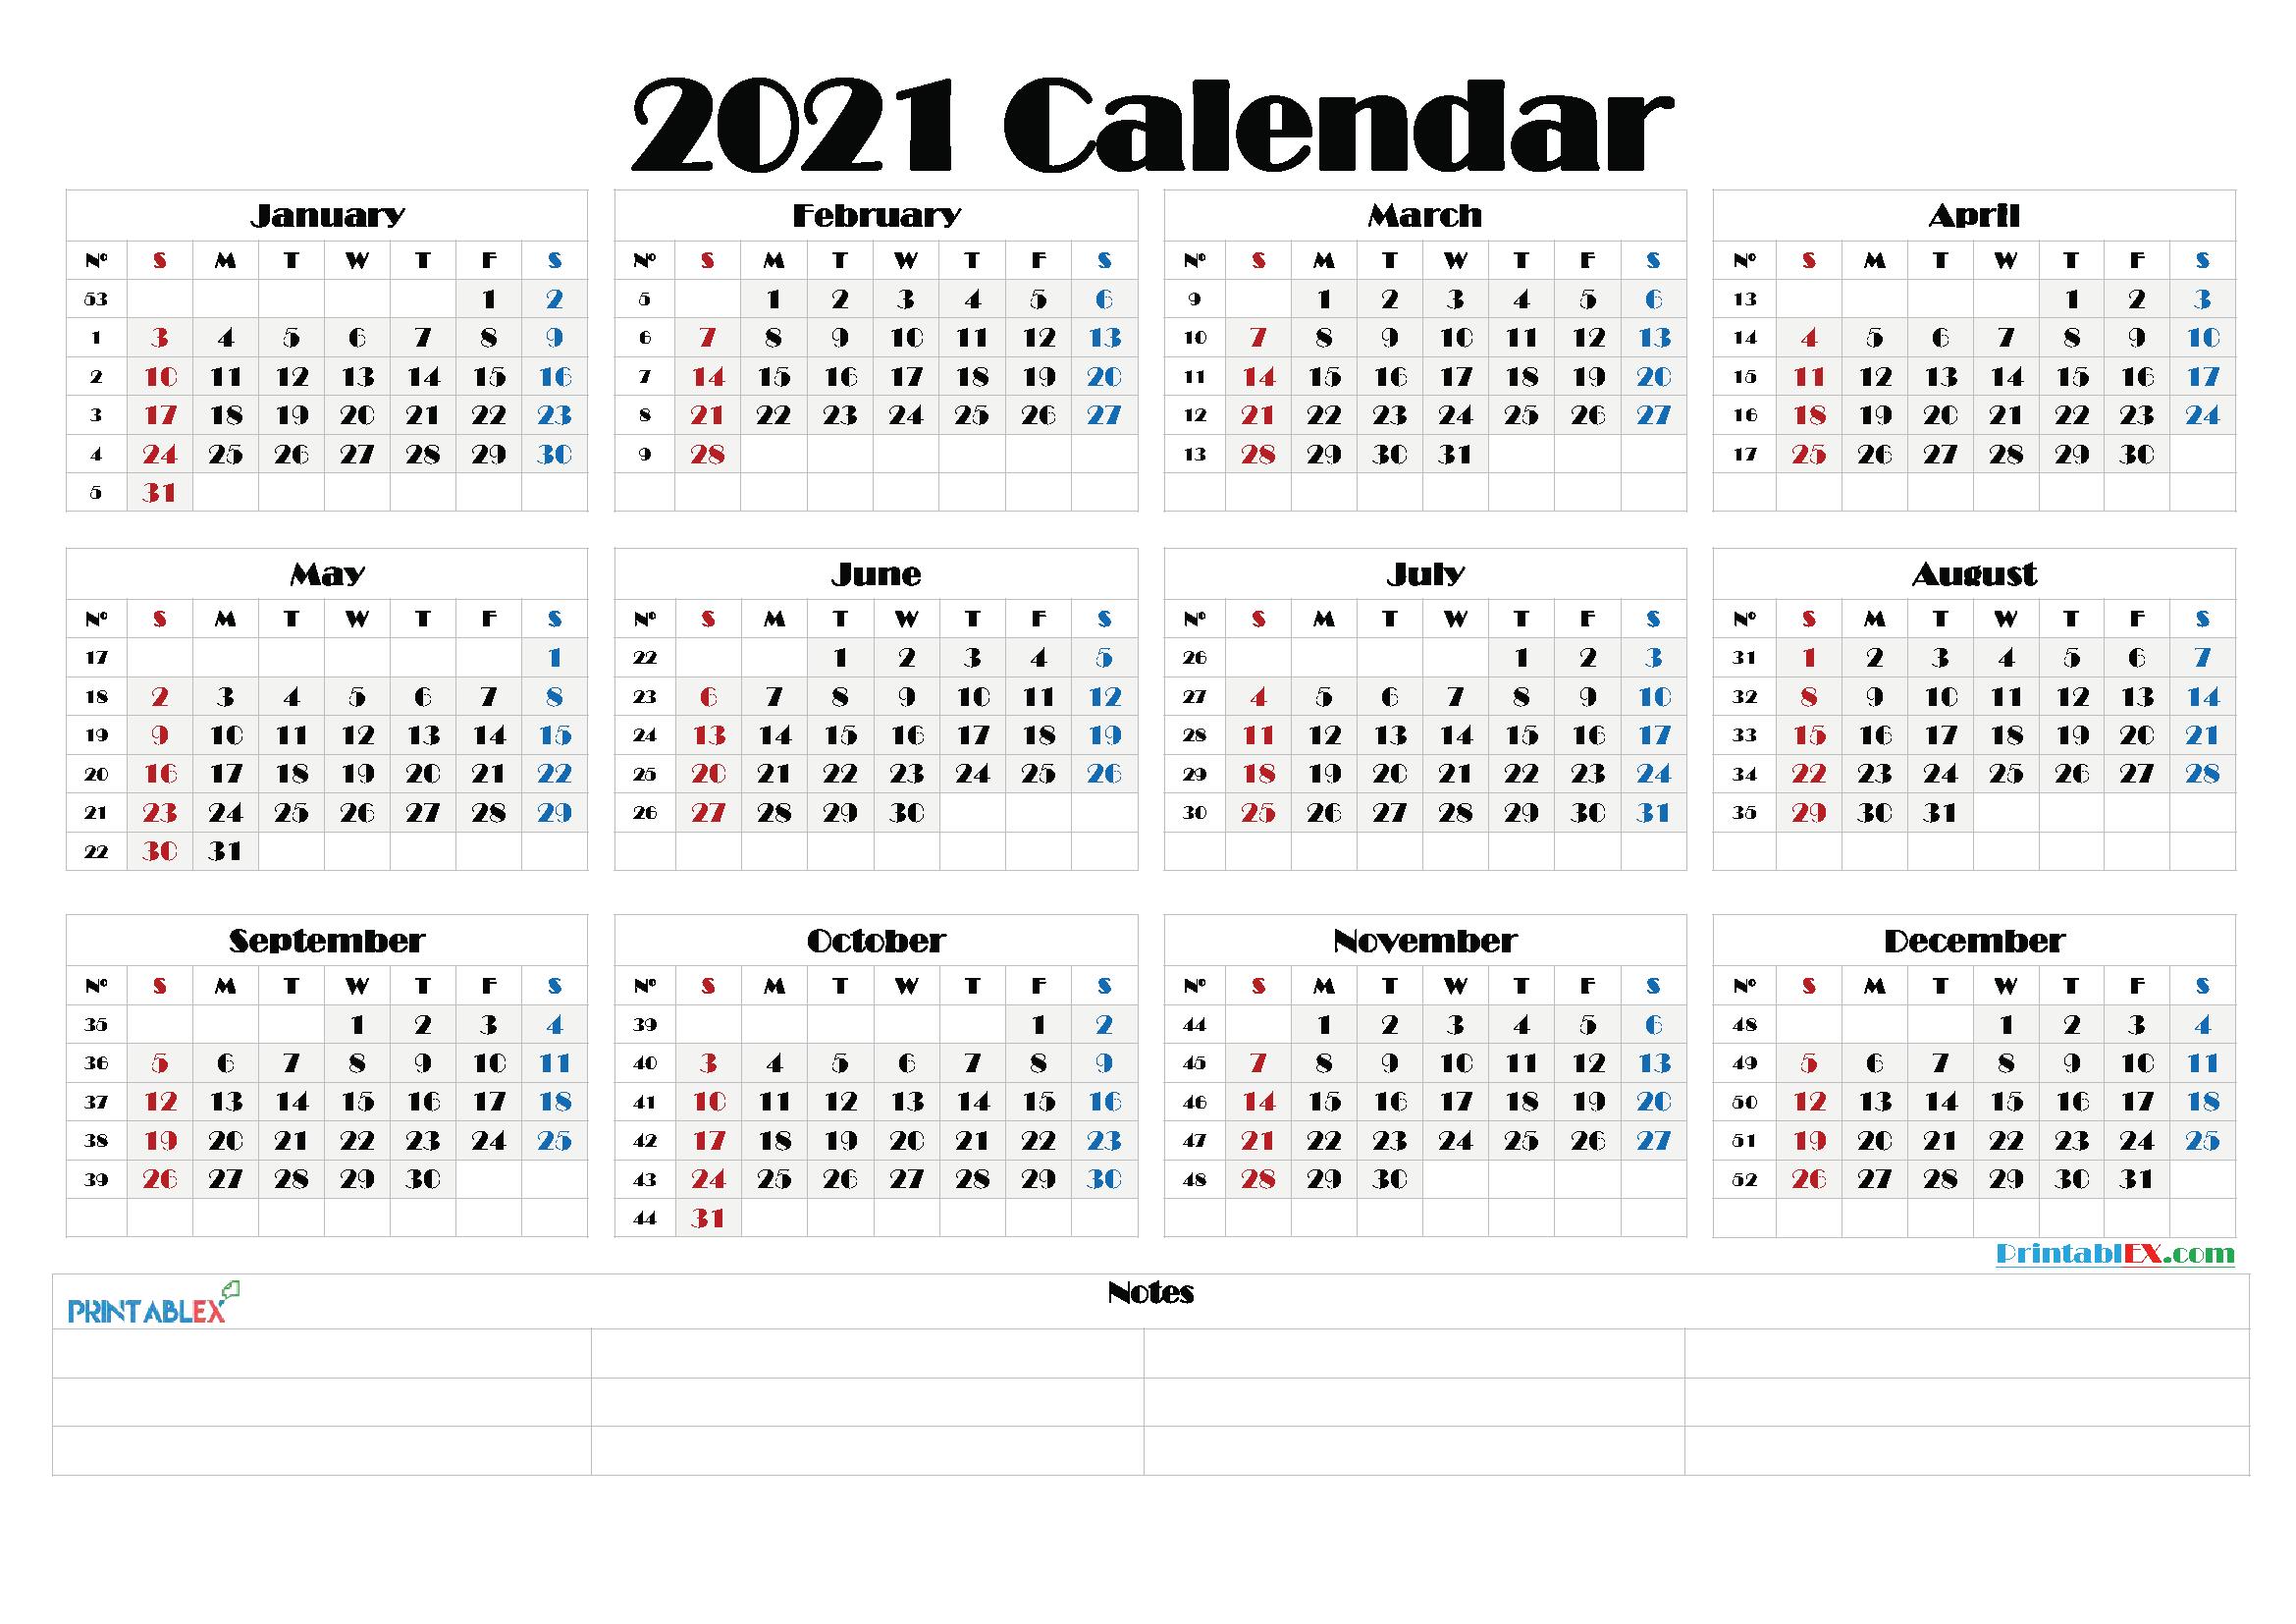 2021 Calendar With Week Number Printable Free : Weekly